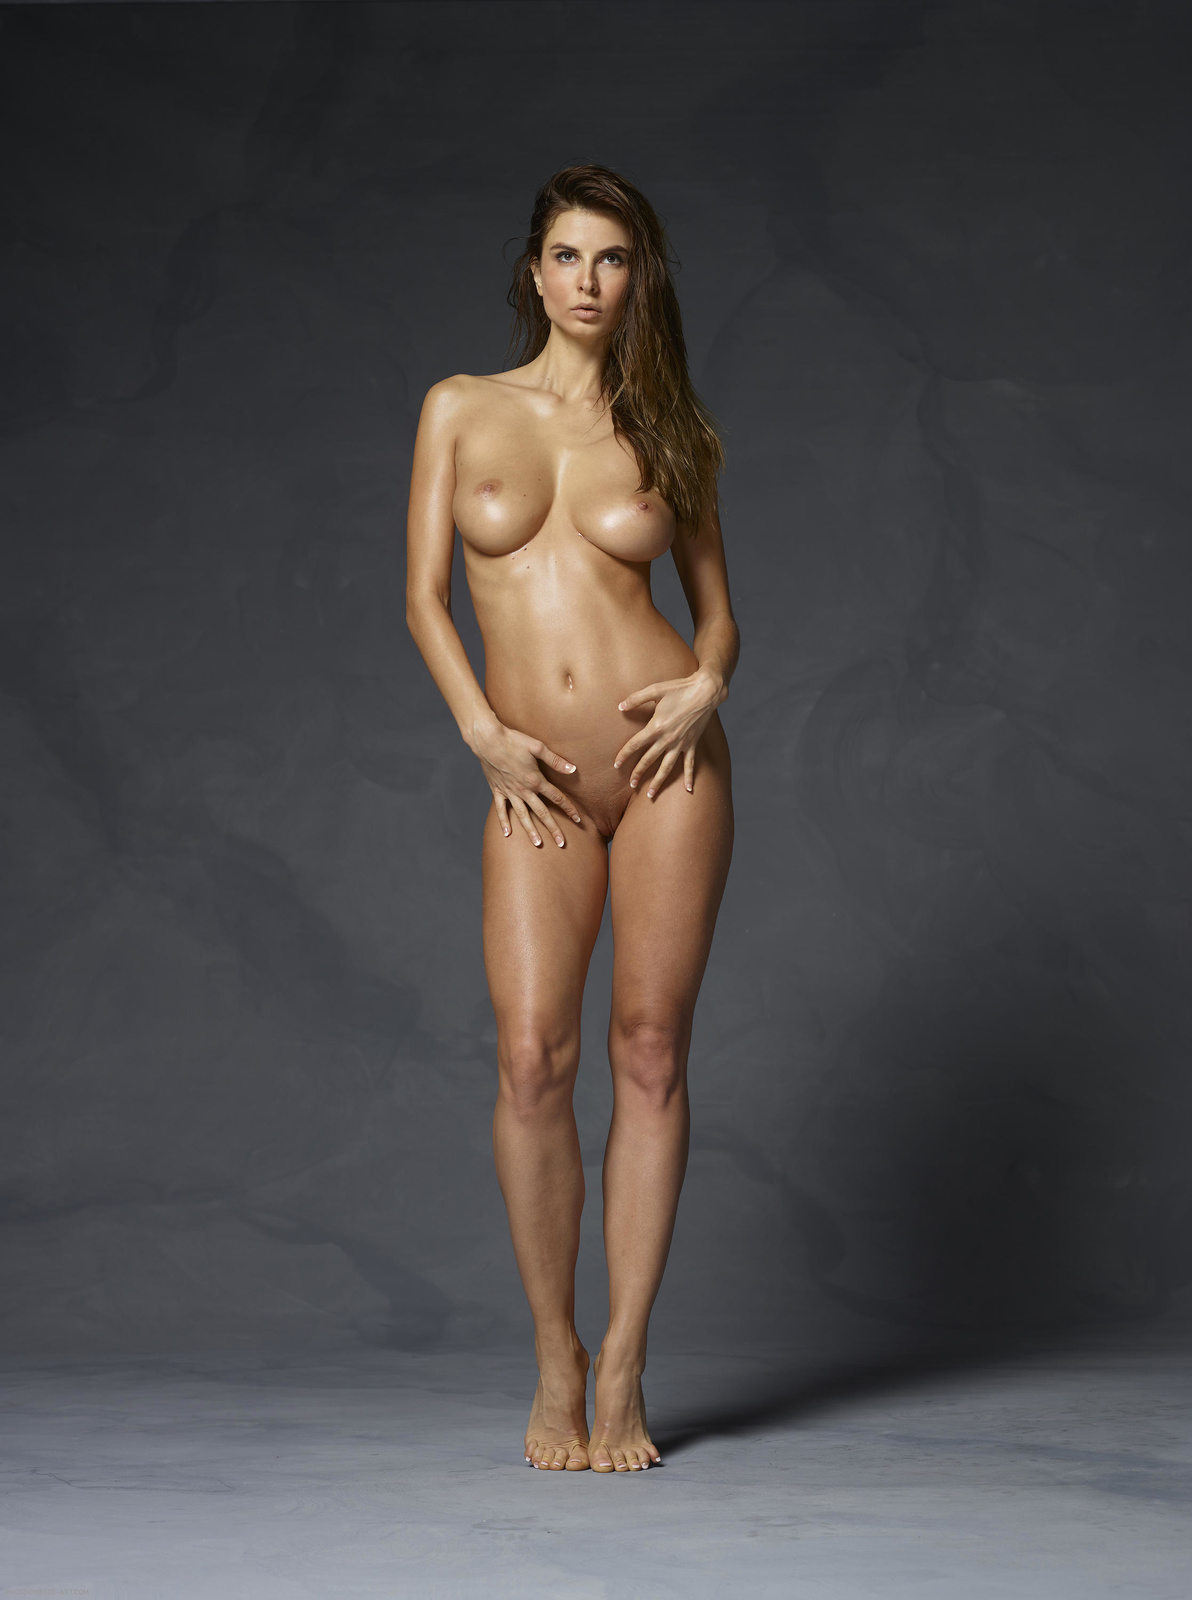 Zdjęcie porno - 1116 - Jędrne ciałko super babki